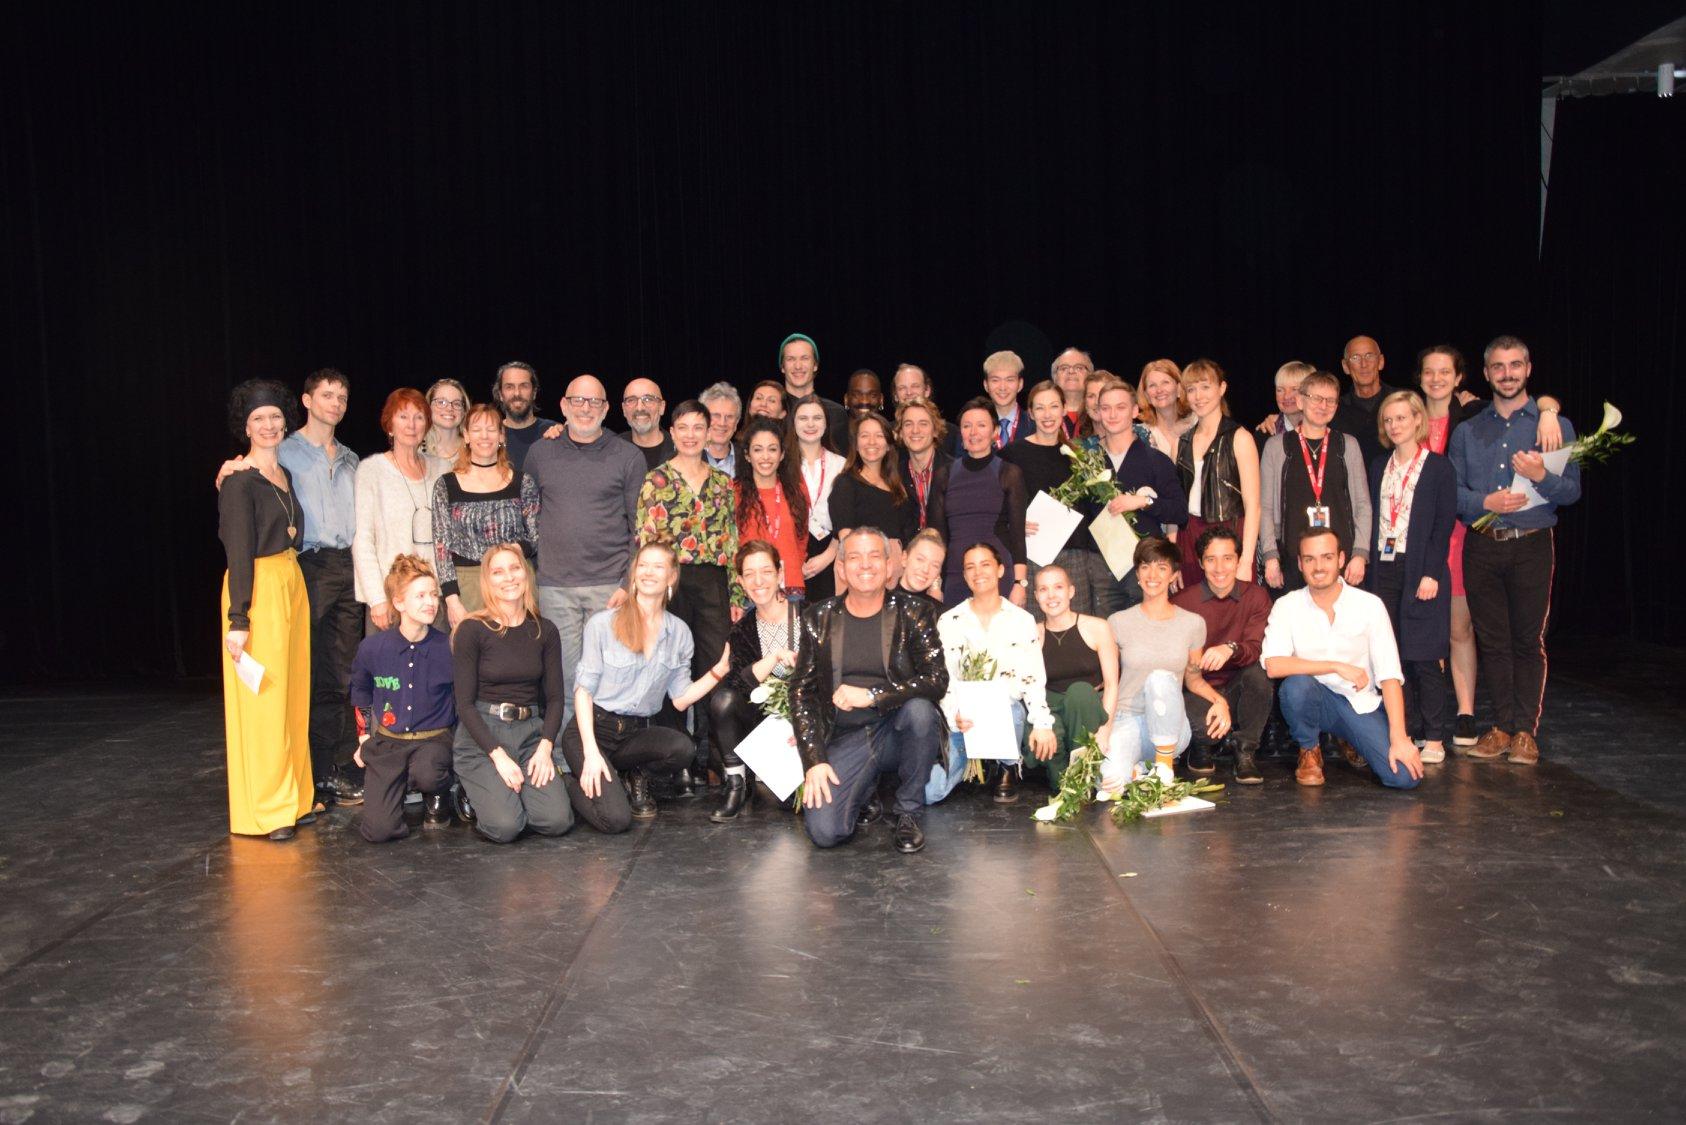 Teilnehmer/innen des 23. Solo-Tanz-Theater Festivals